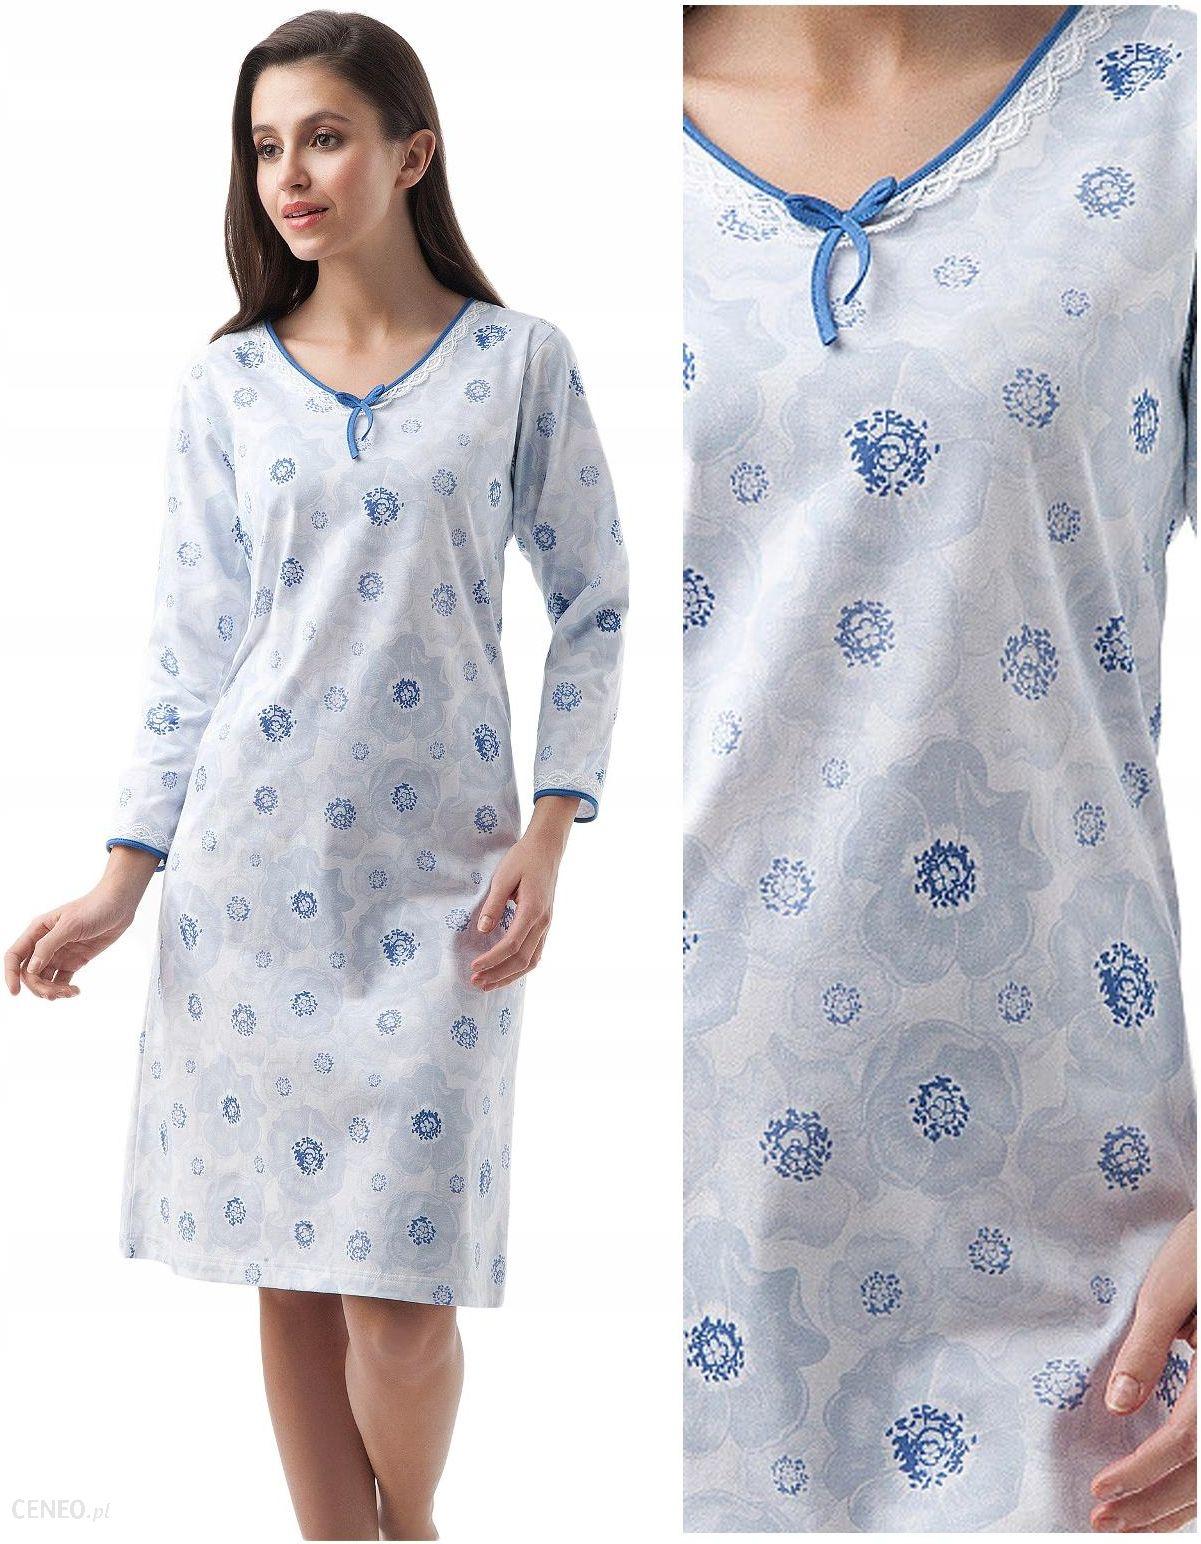 Koszula nocna Luna 232 blue kwiaty długa XL 42 Ceny i  TTF3L